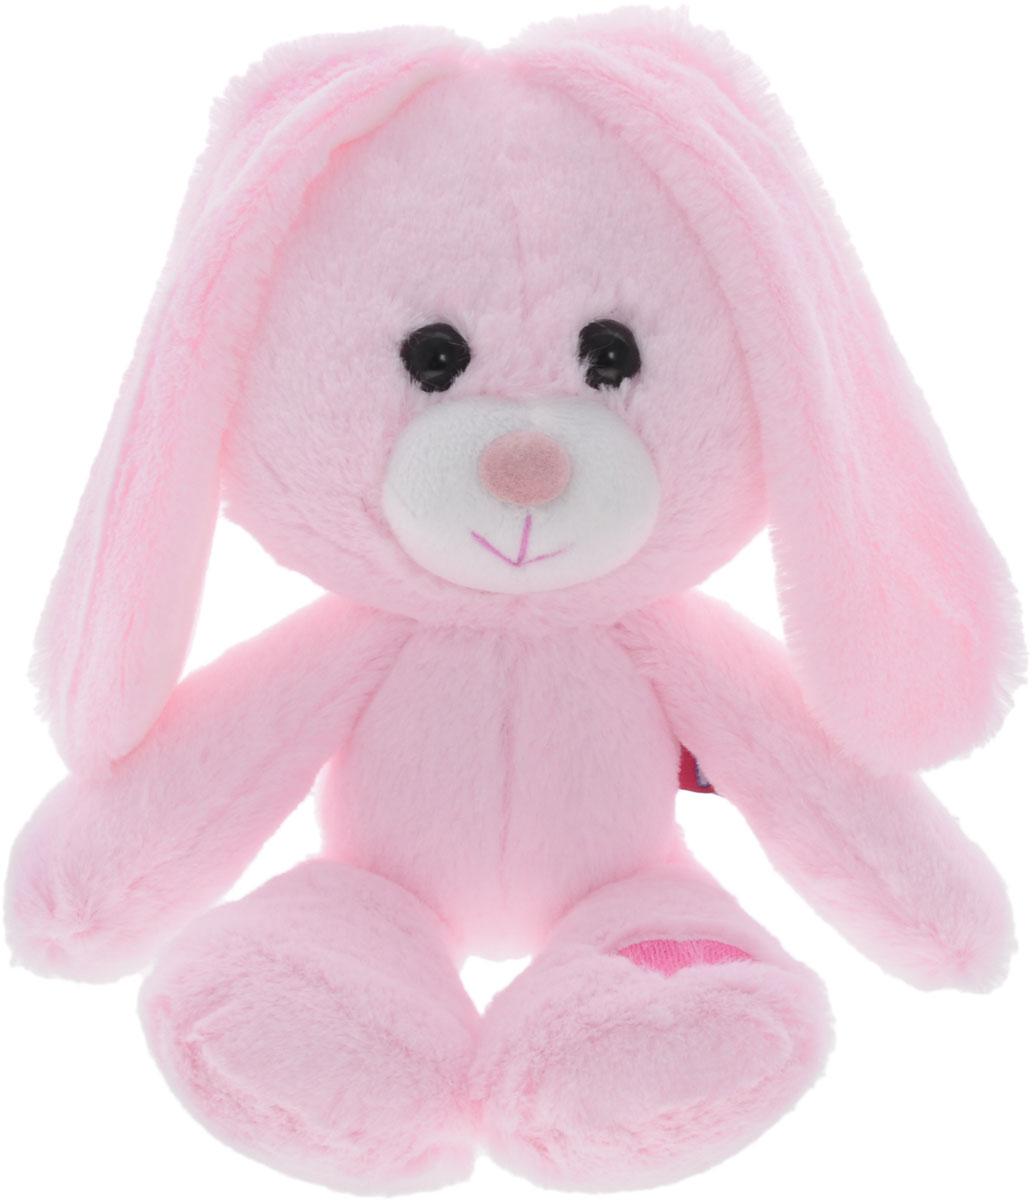 Fancy Мягкая игрушка Зайчик Беня 28 см малышарики мягкая игрушка собака бассет хаунд 23 см